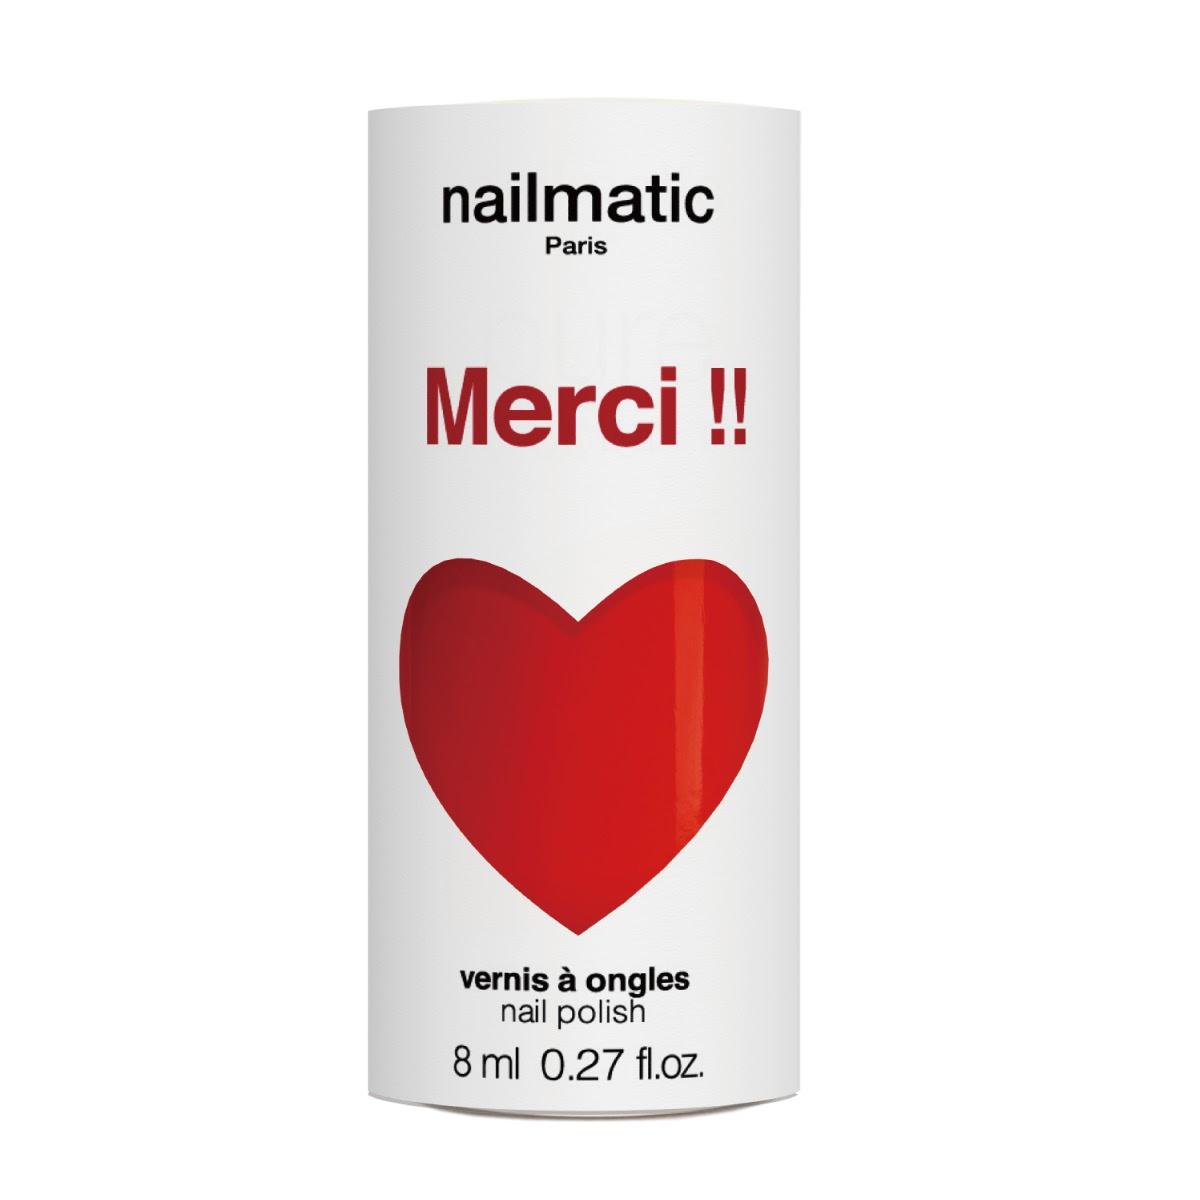 nailmatic(ネイルマティック)のネイルでパリ気分♡ 人気アイテム10種をレビュー!の画像